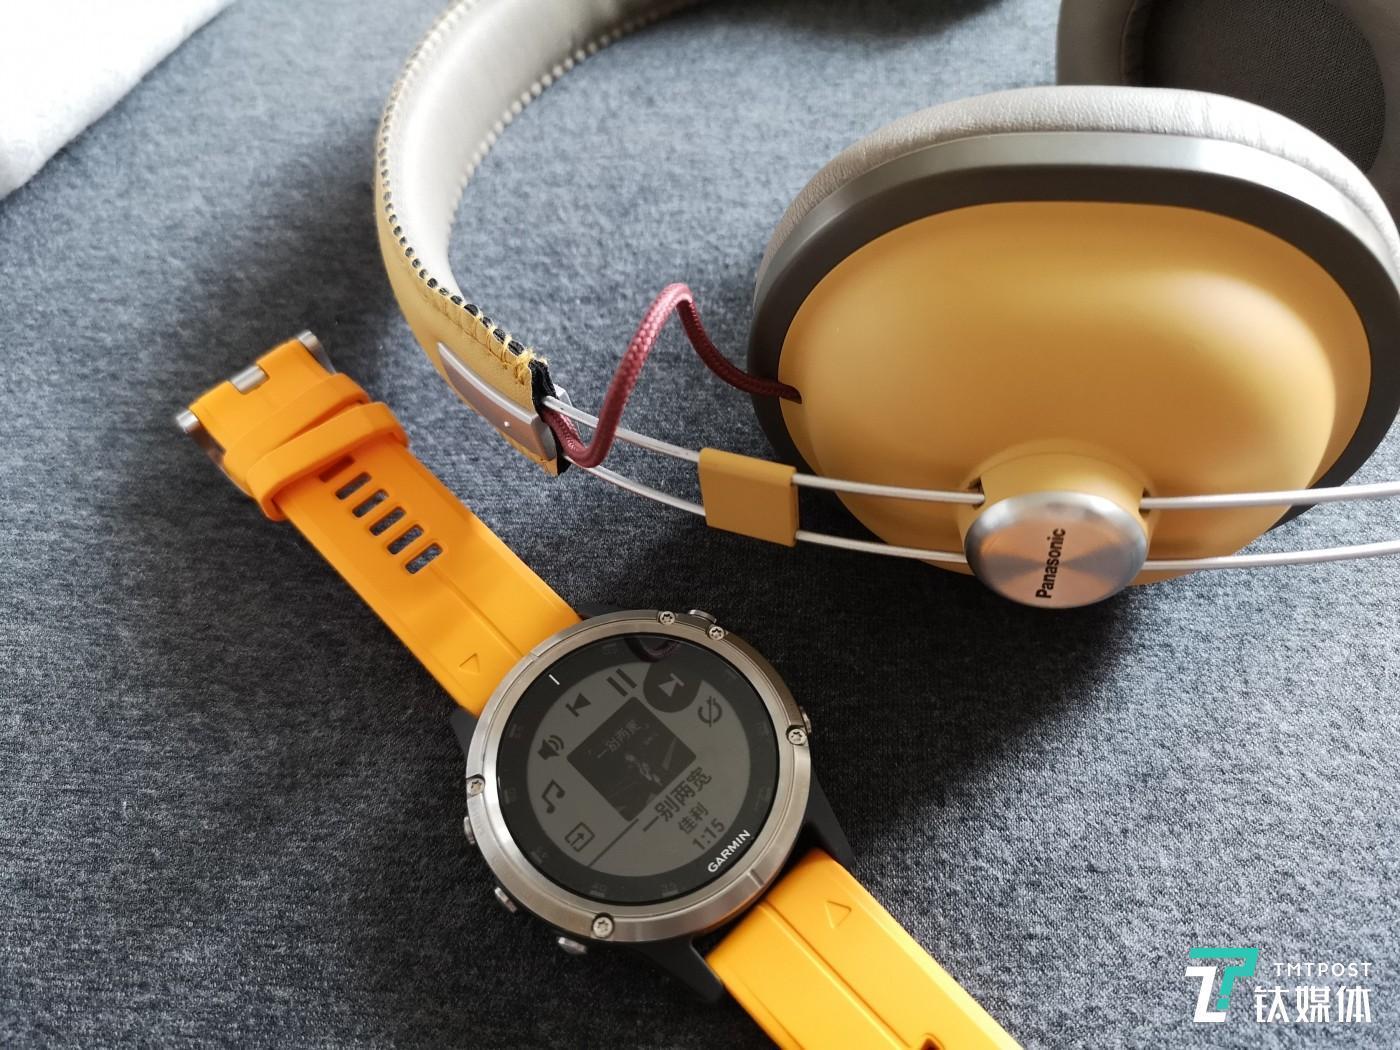 可以通过蓝牙和耳机相连,直接播放手表中的歌曲